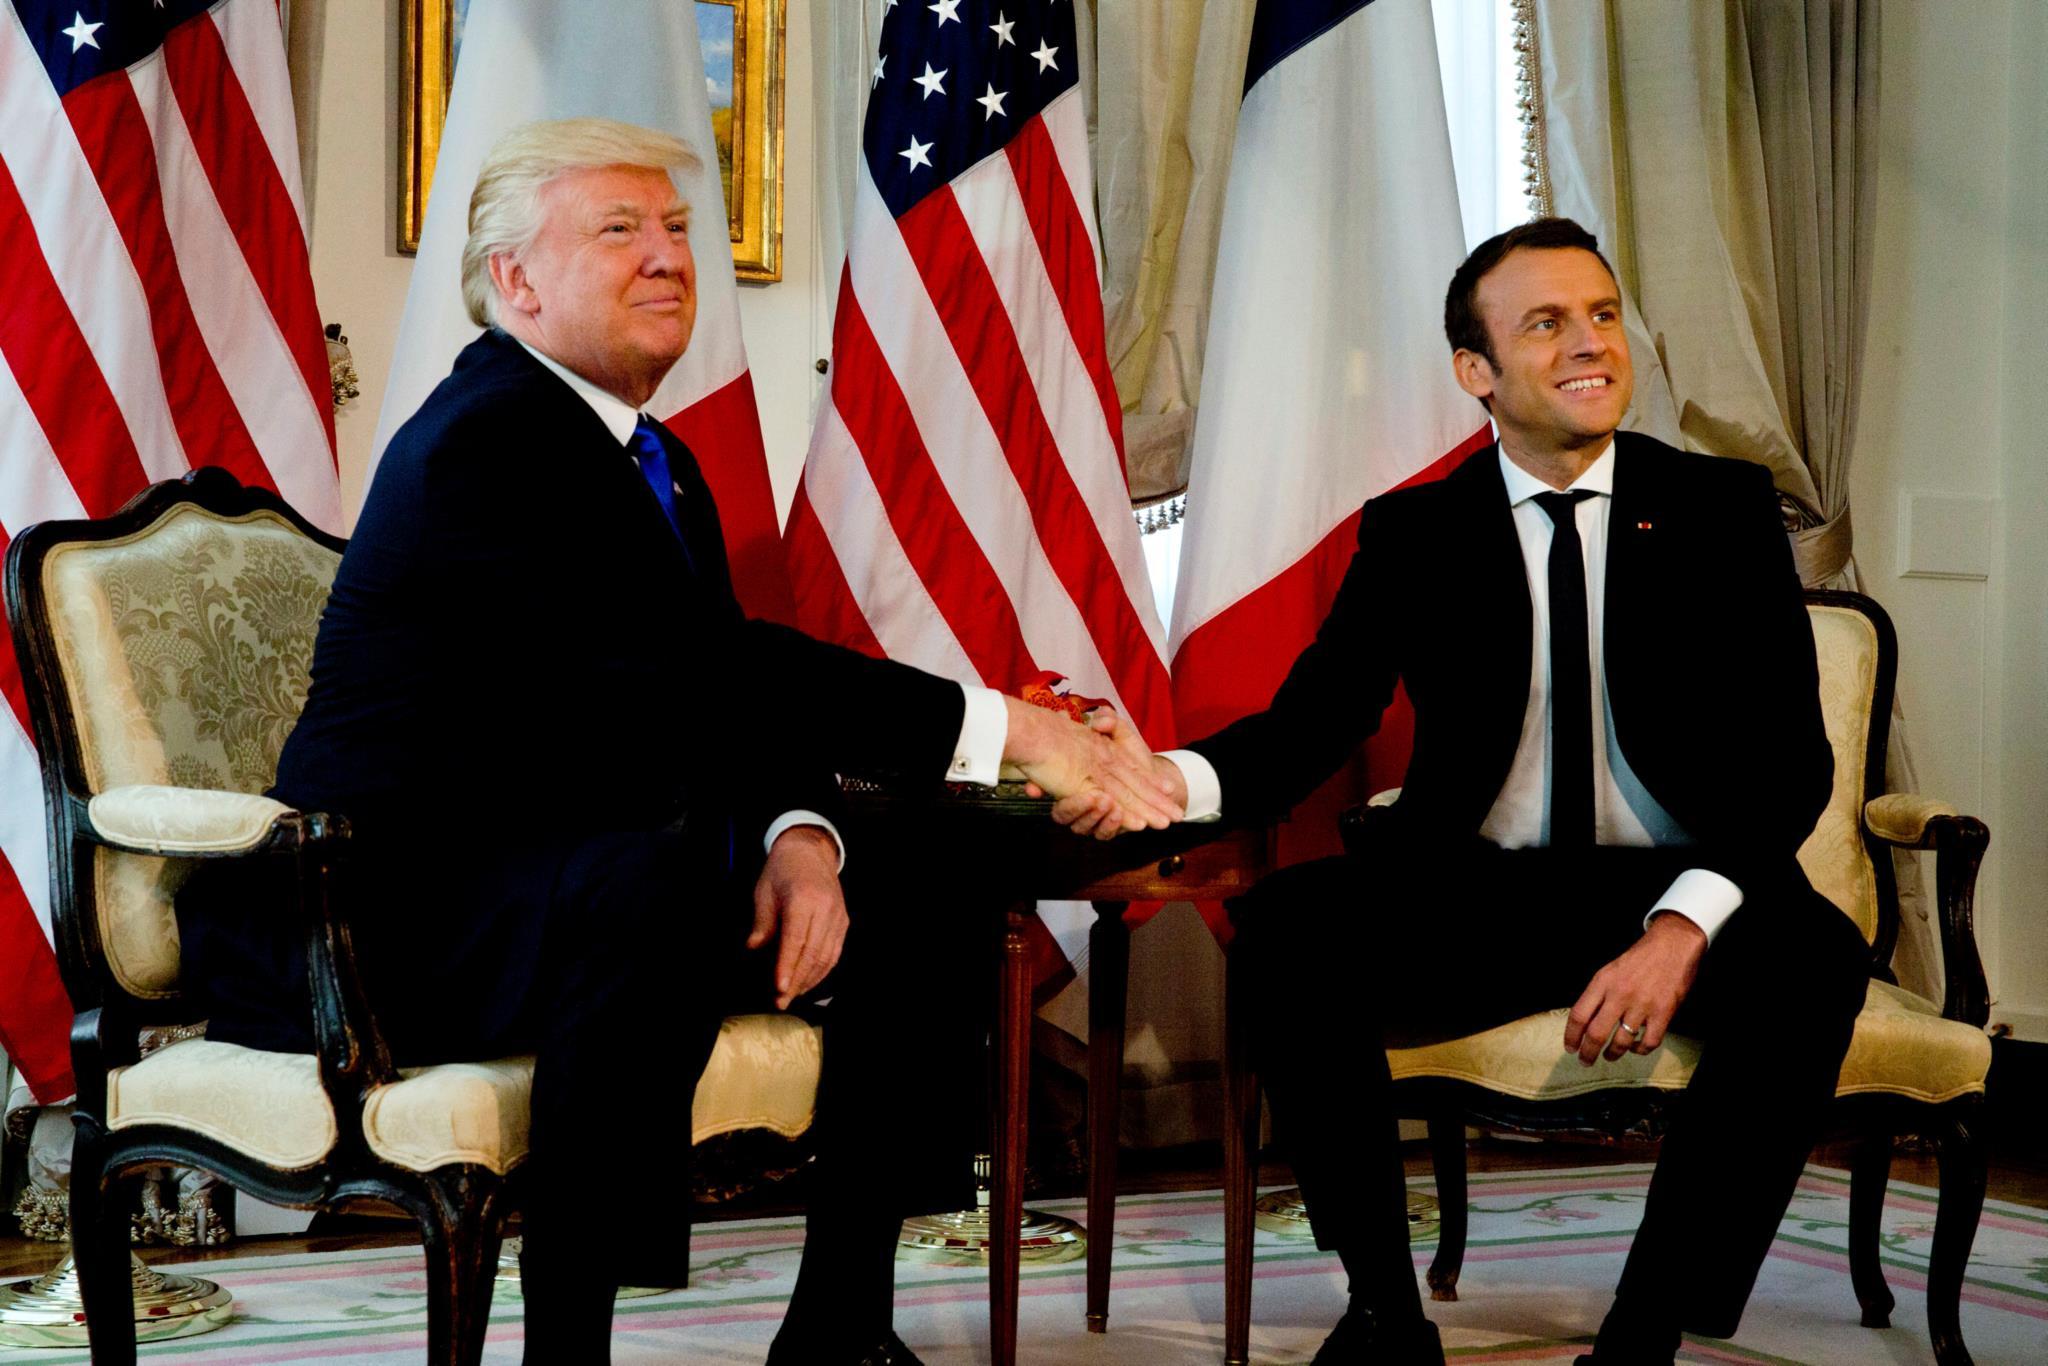 PÚBLICO - Emmanuel Macron vence Trump na sua própria batalha: os <i>TrumpShakes</i>